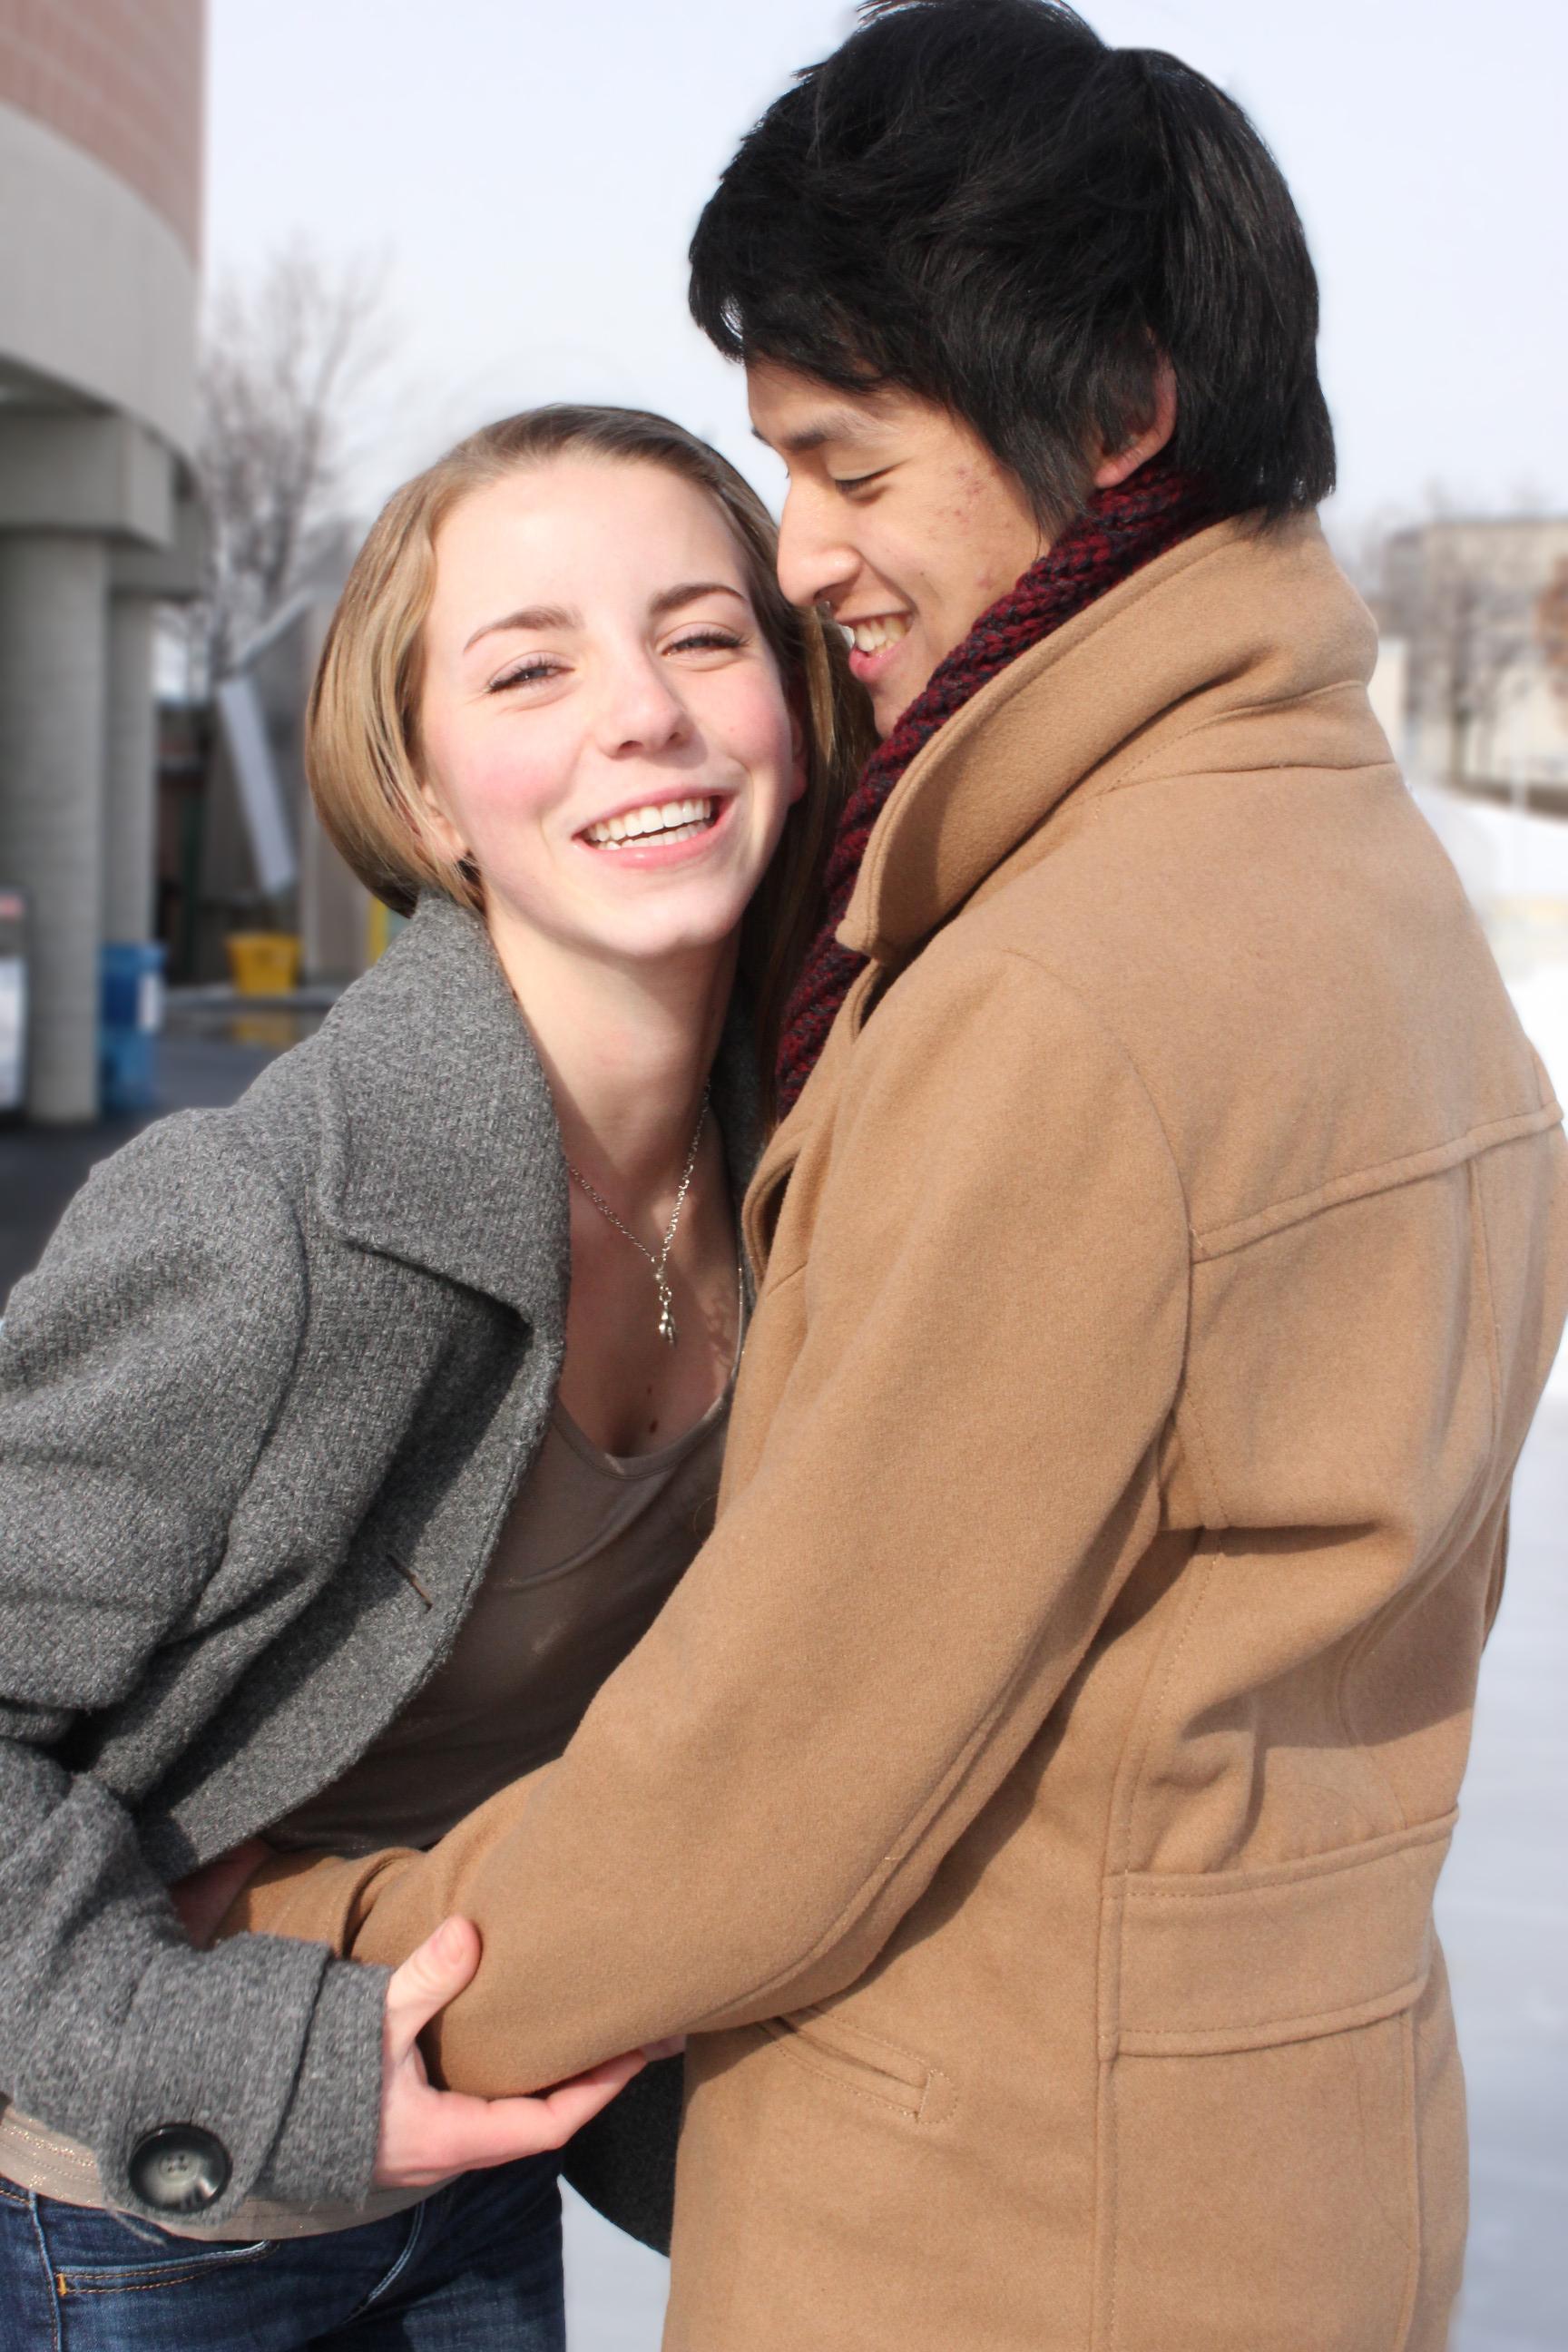 Valentines's 2012